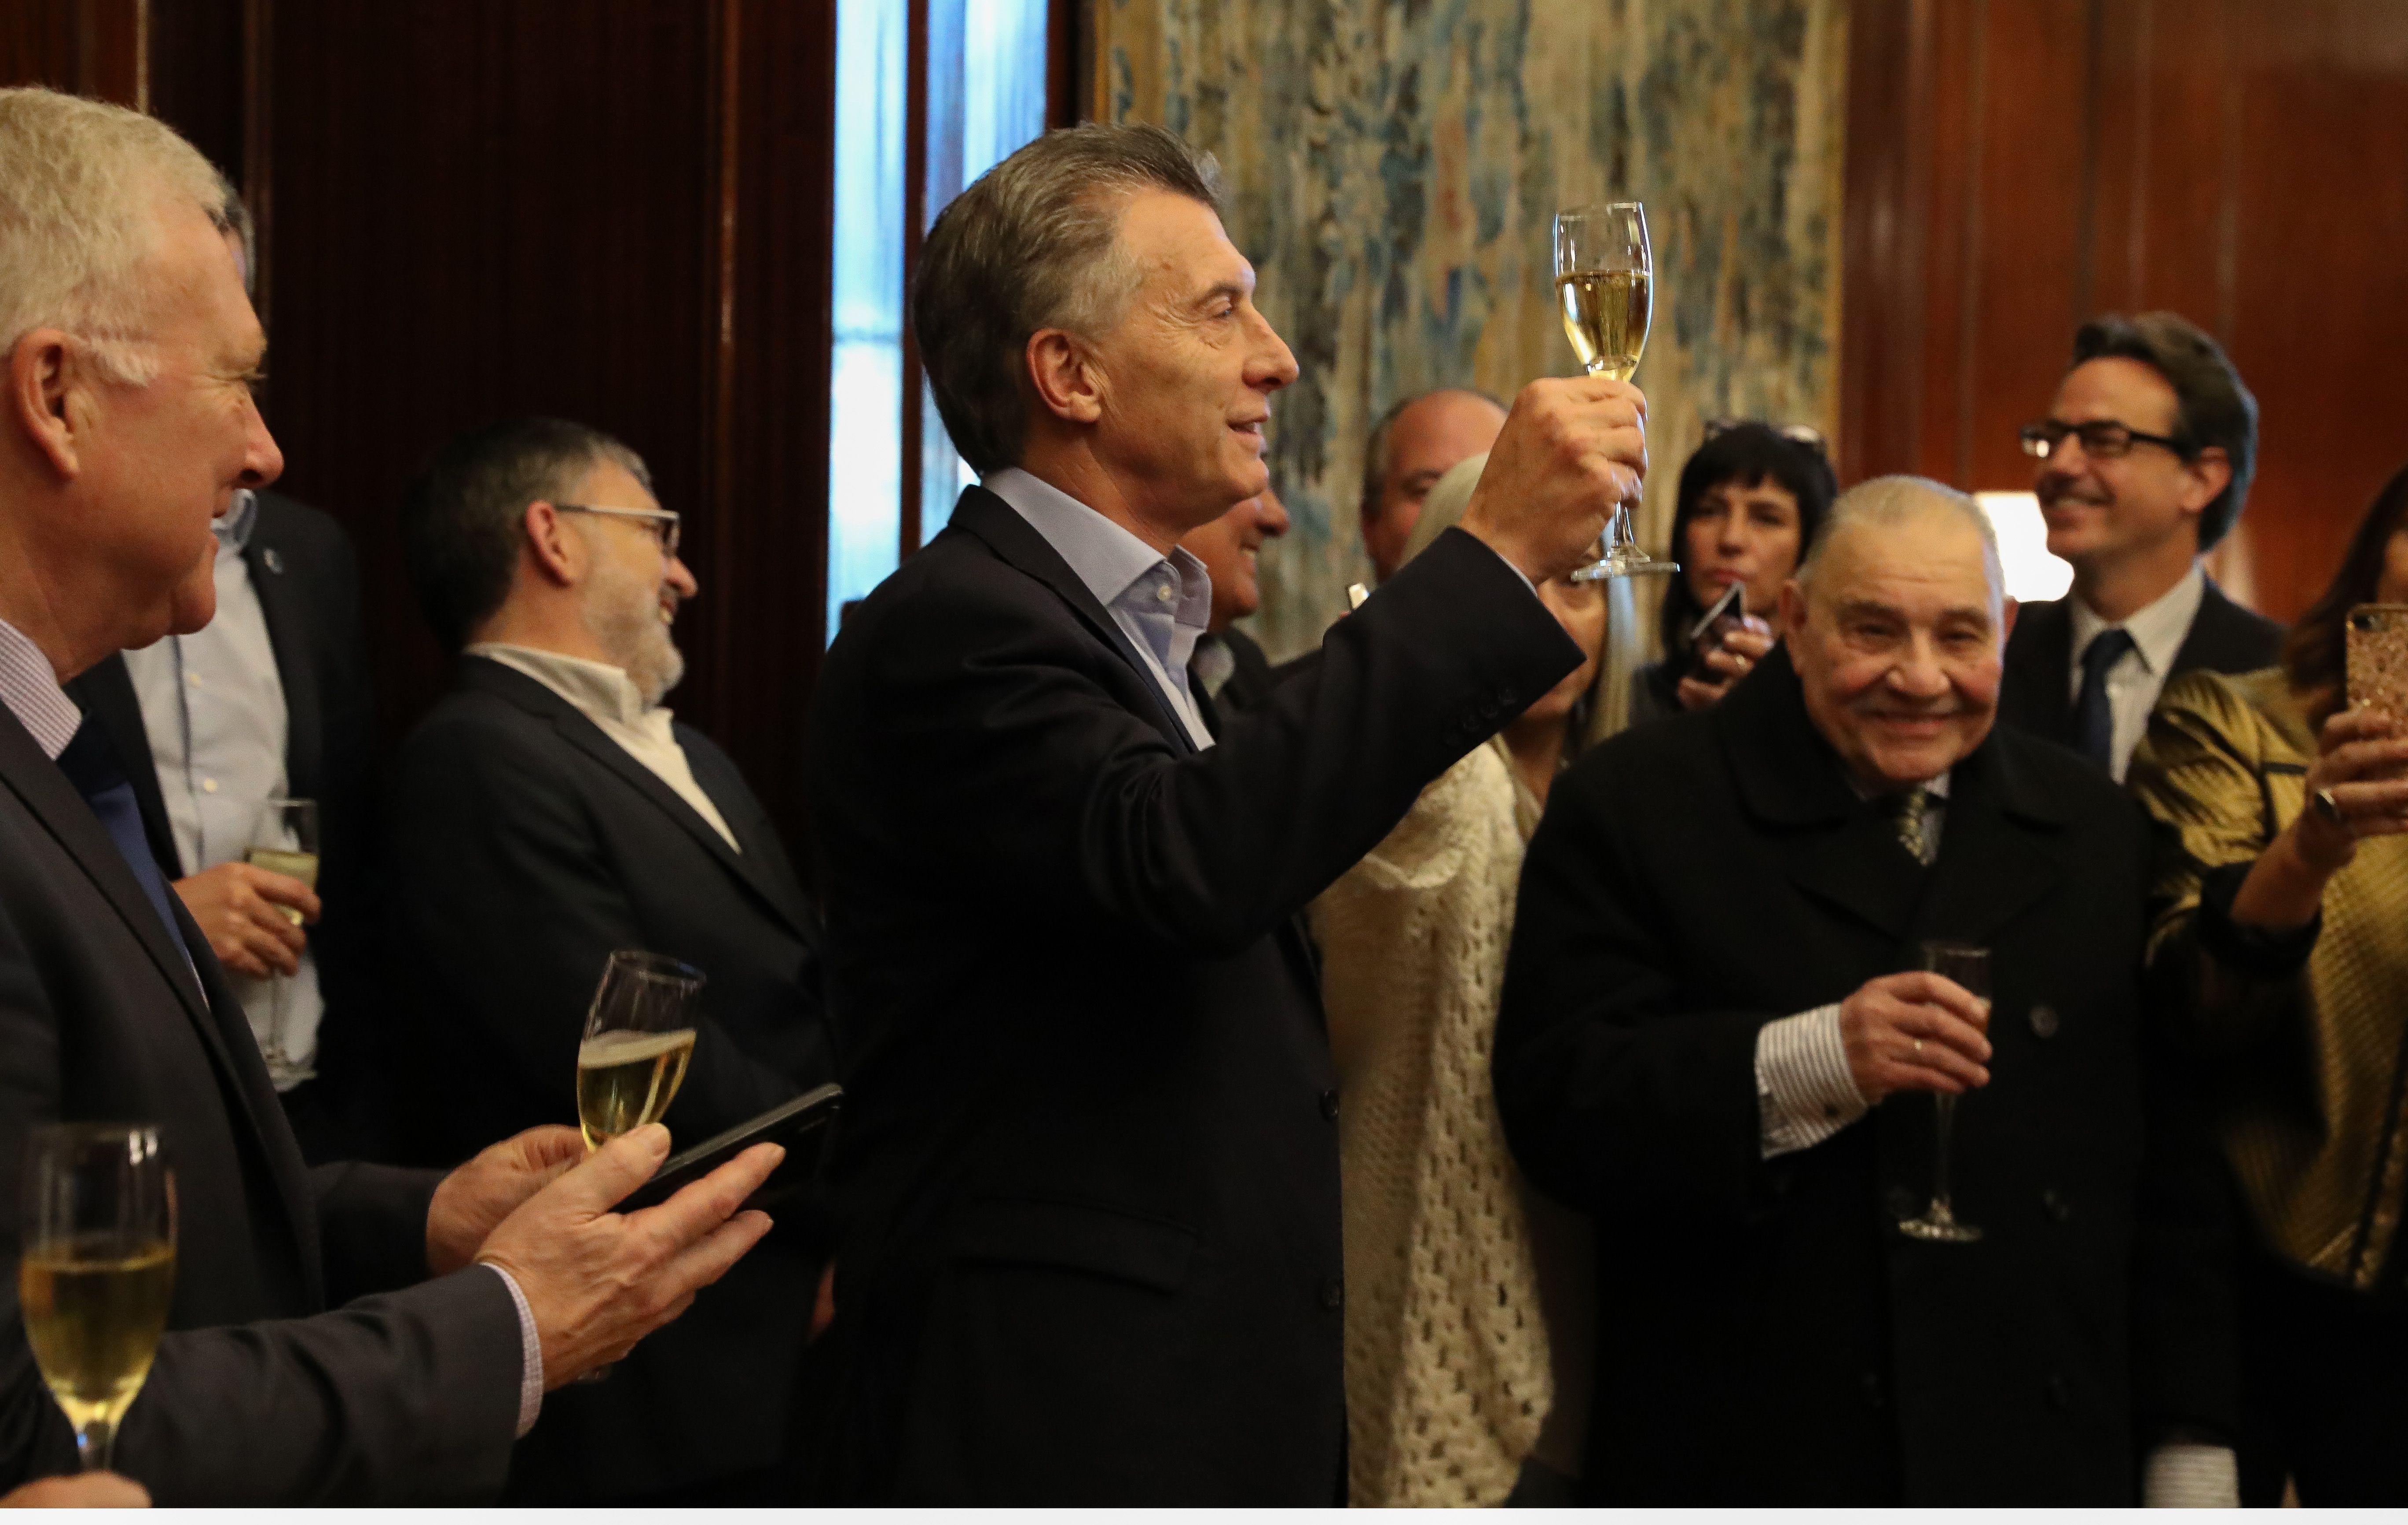 El Presidente brindando con periodistas acreditados en Casa Rosada.